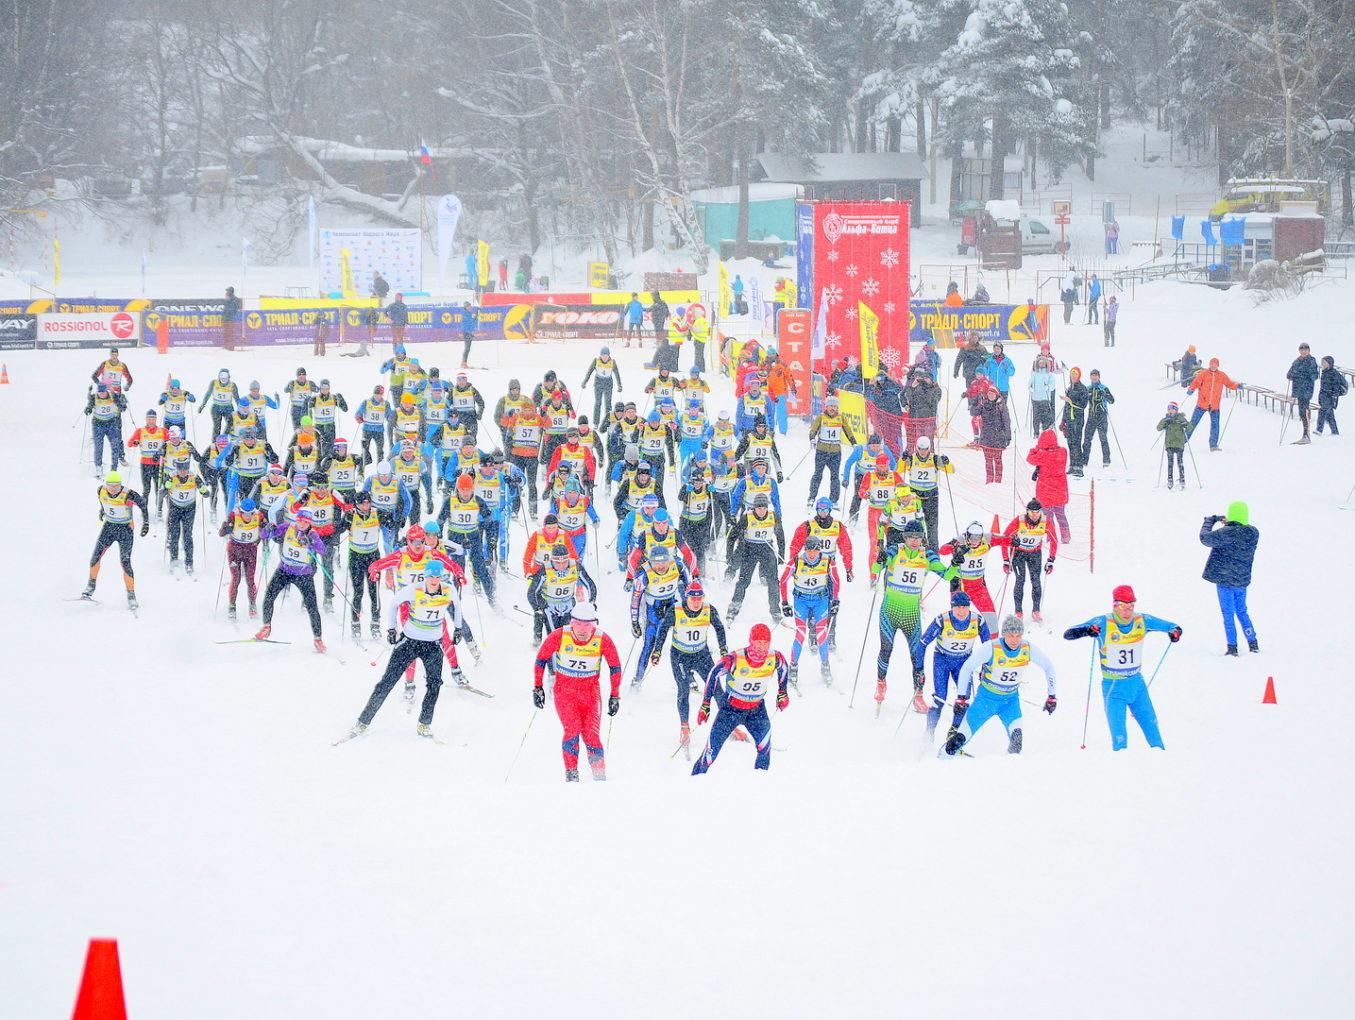 В первый день весны приглашаем всех на традиционную лыжную гонку Водного Мира